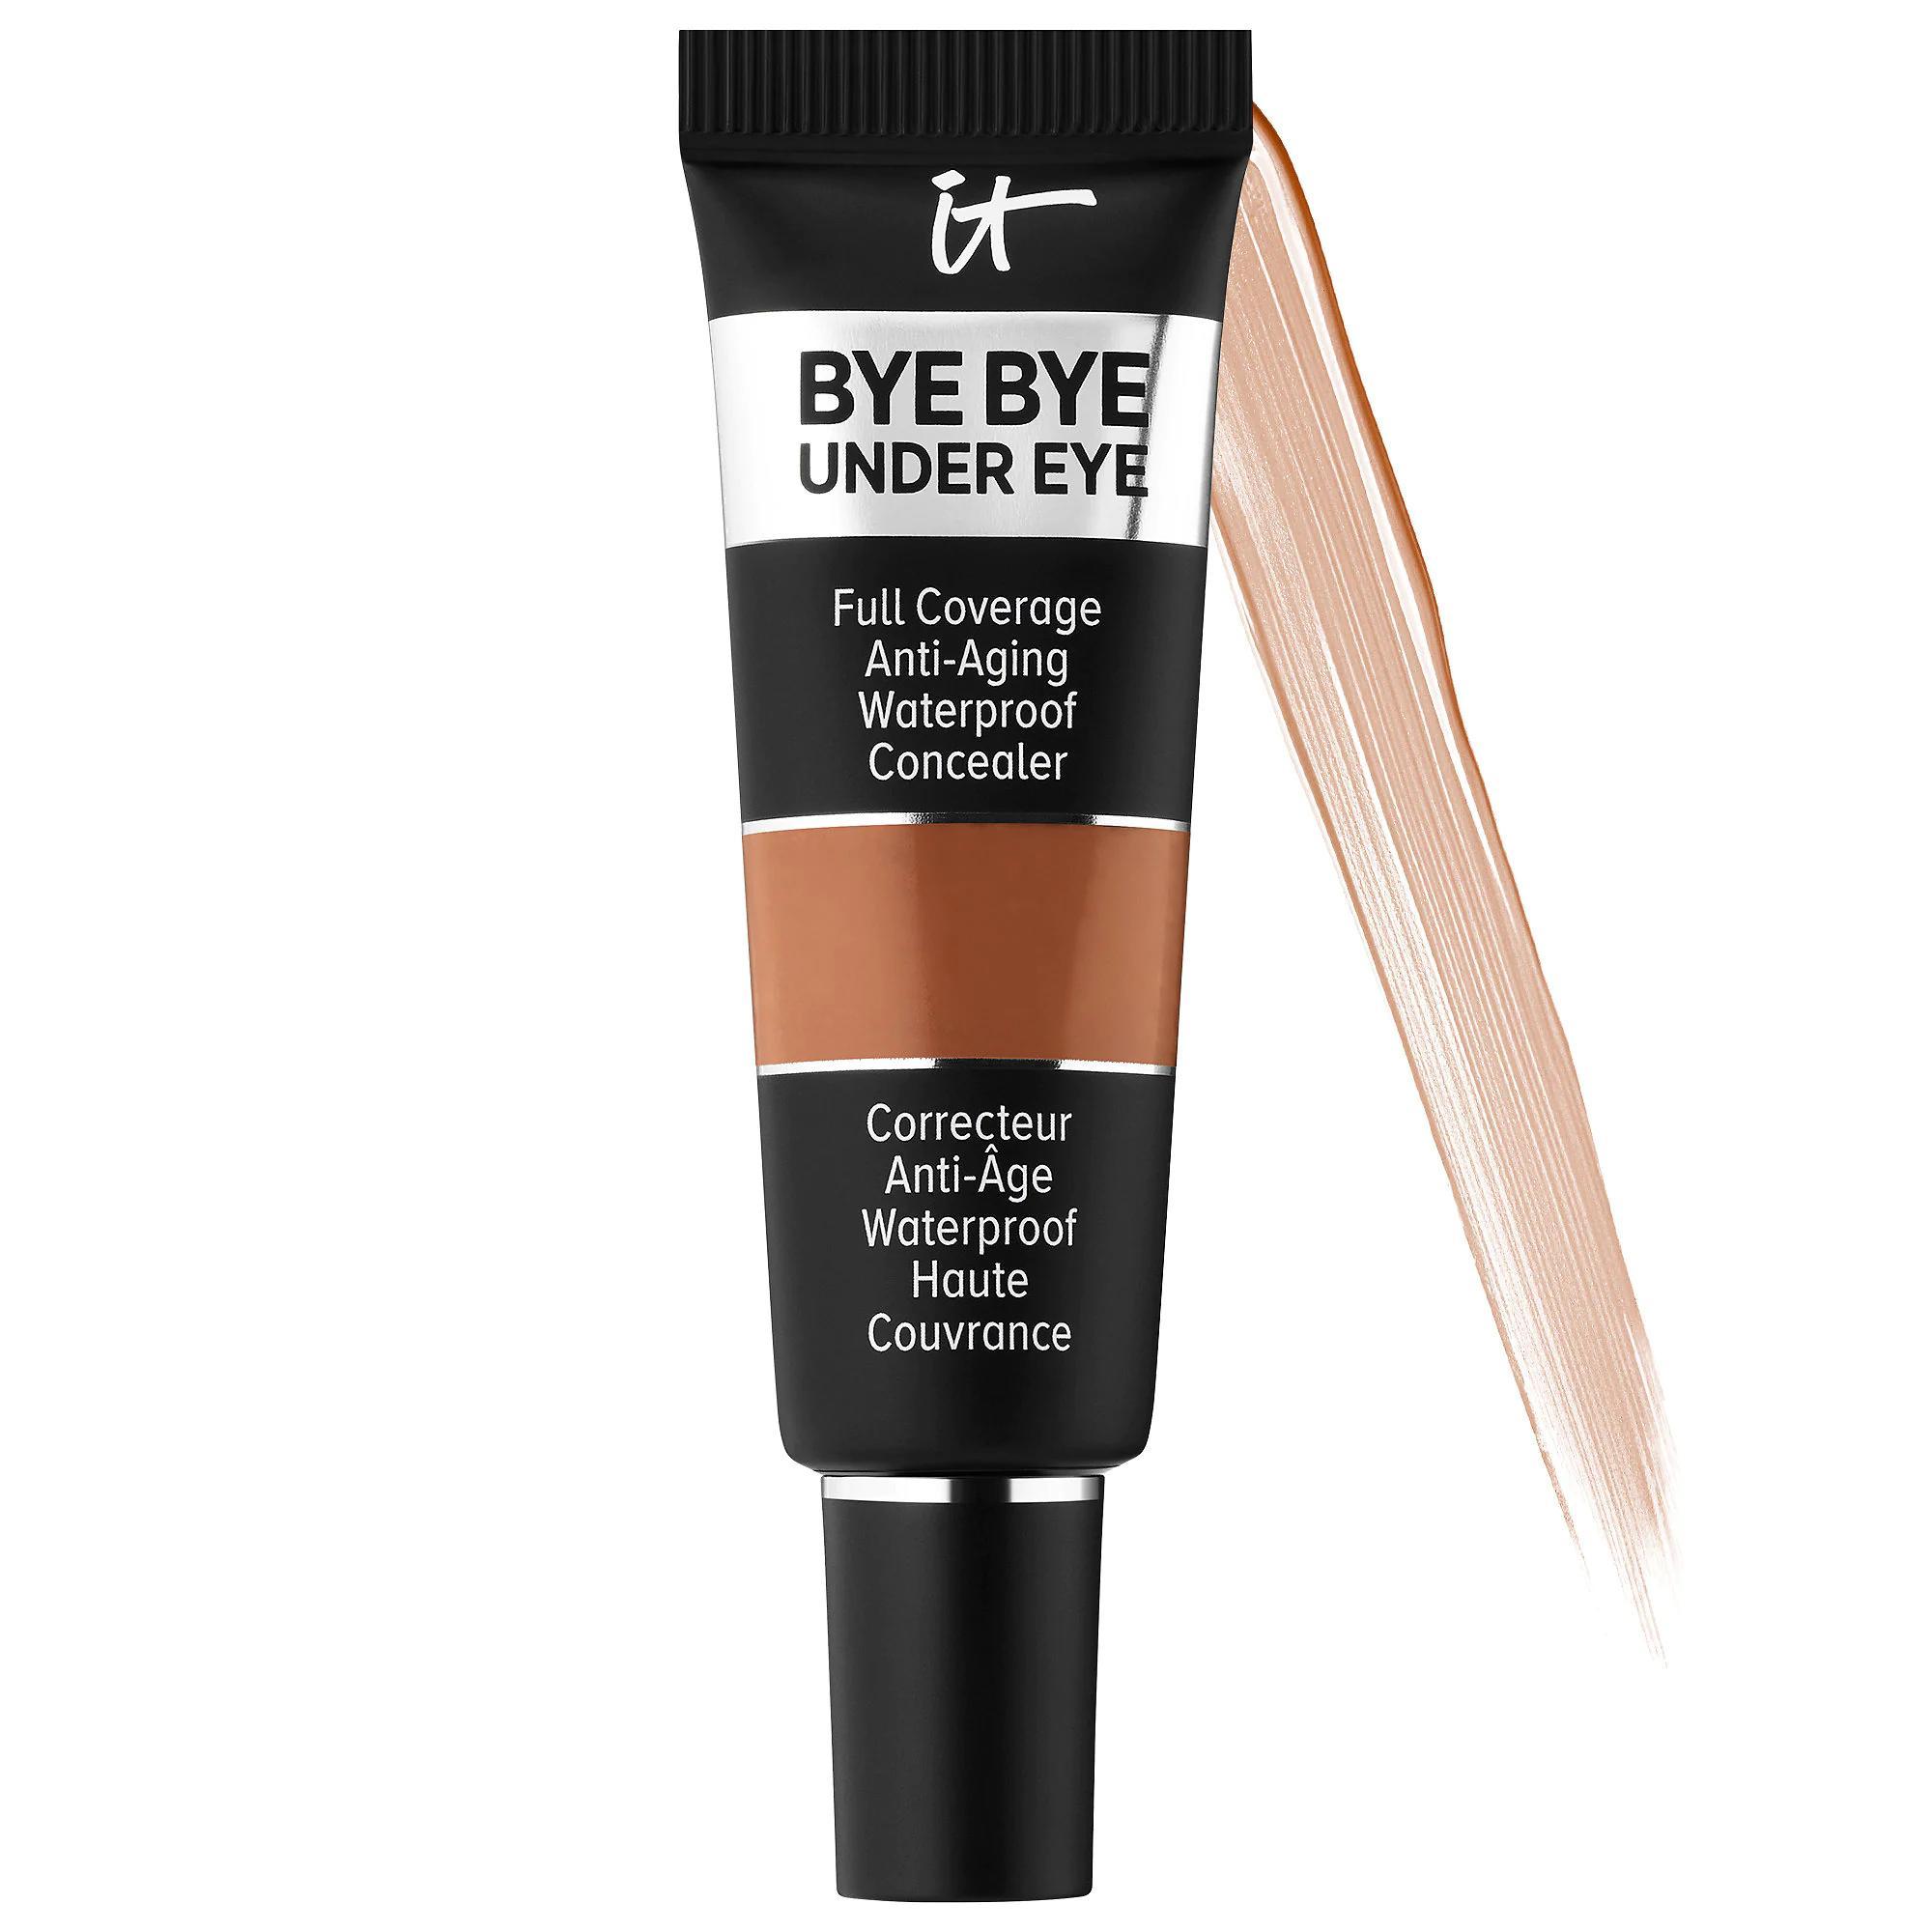 IT Cosmetics Bye Bye Under Eye Full Coverage Concealer Deep Nude 42.0